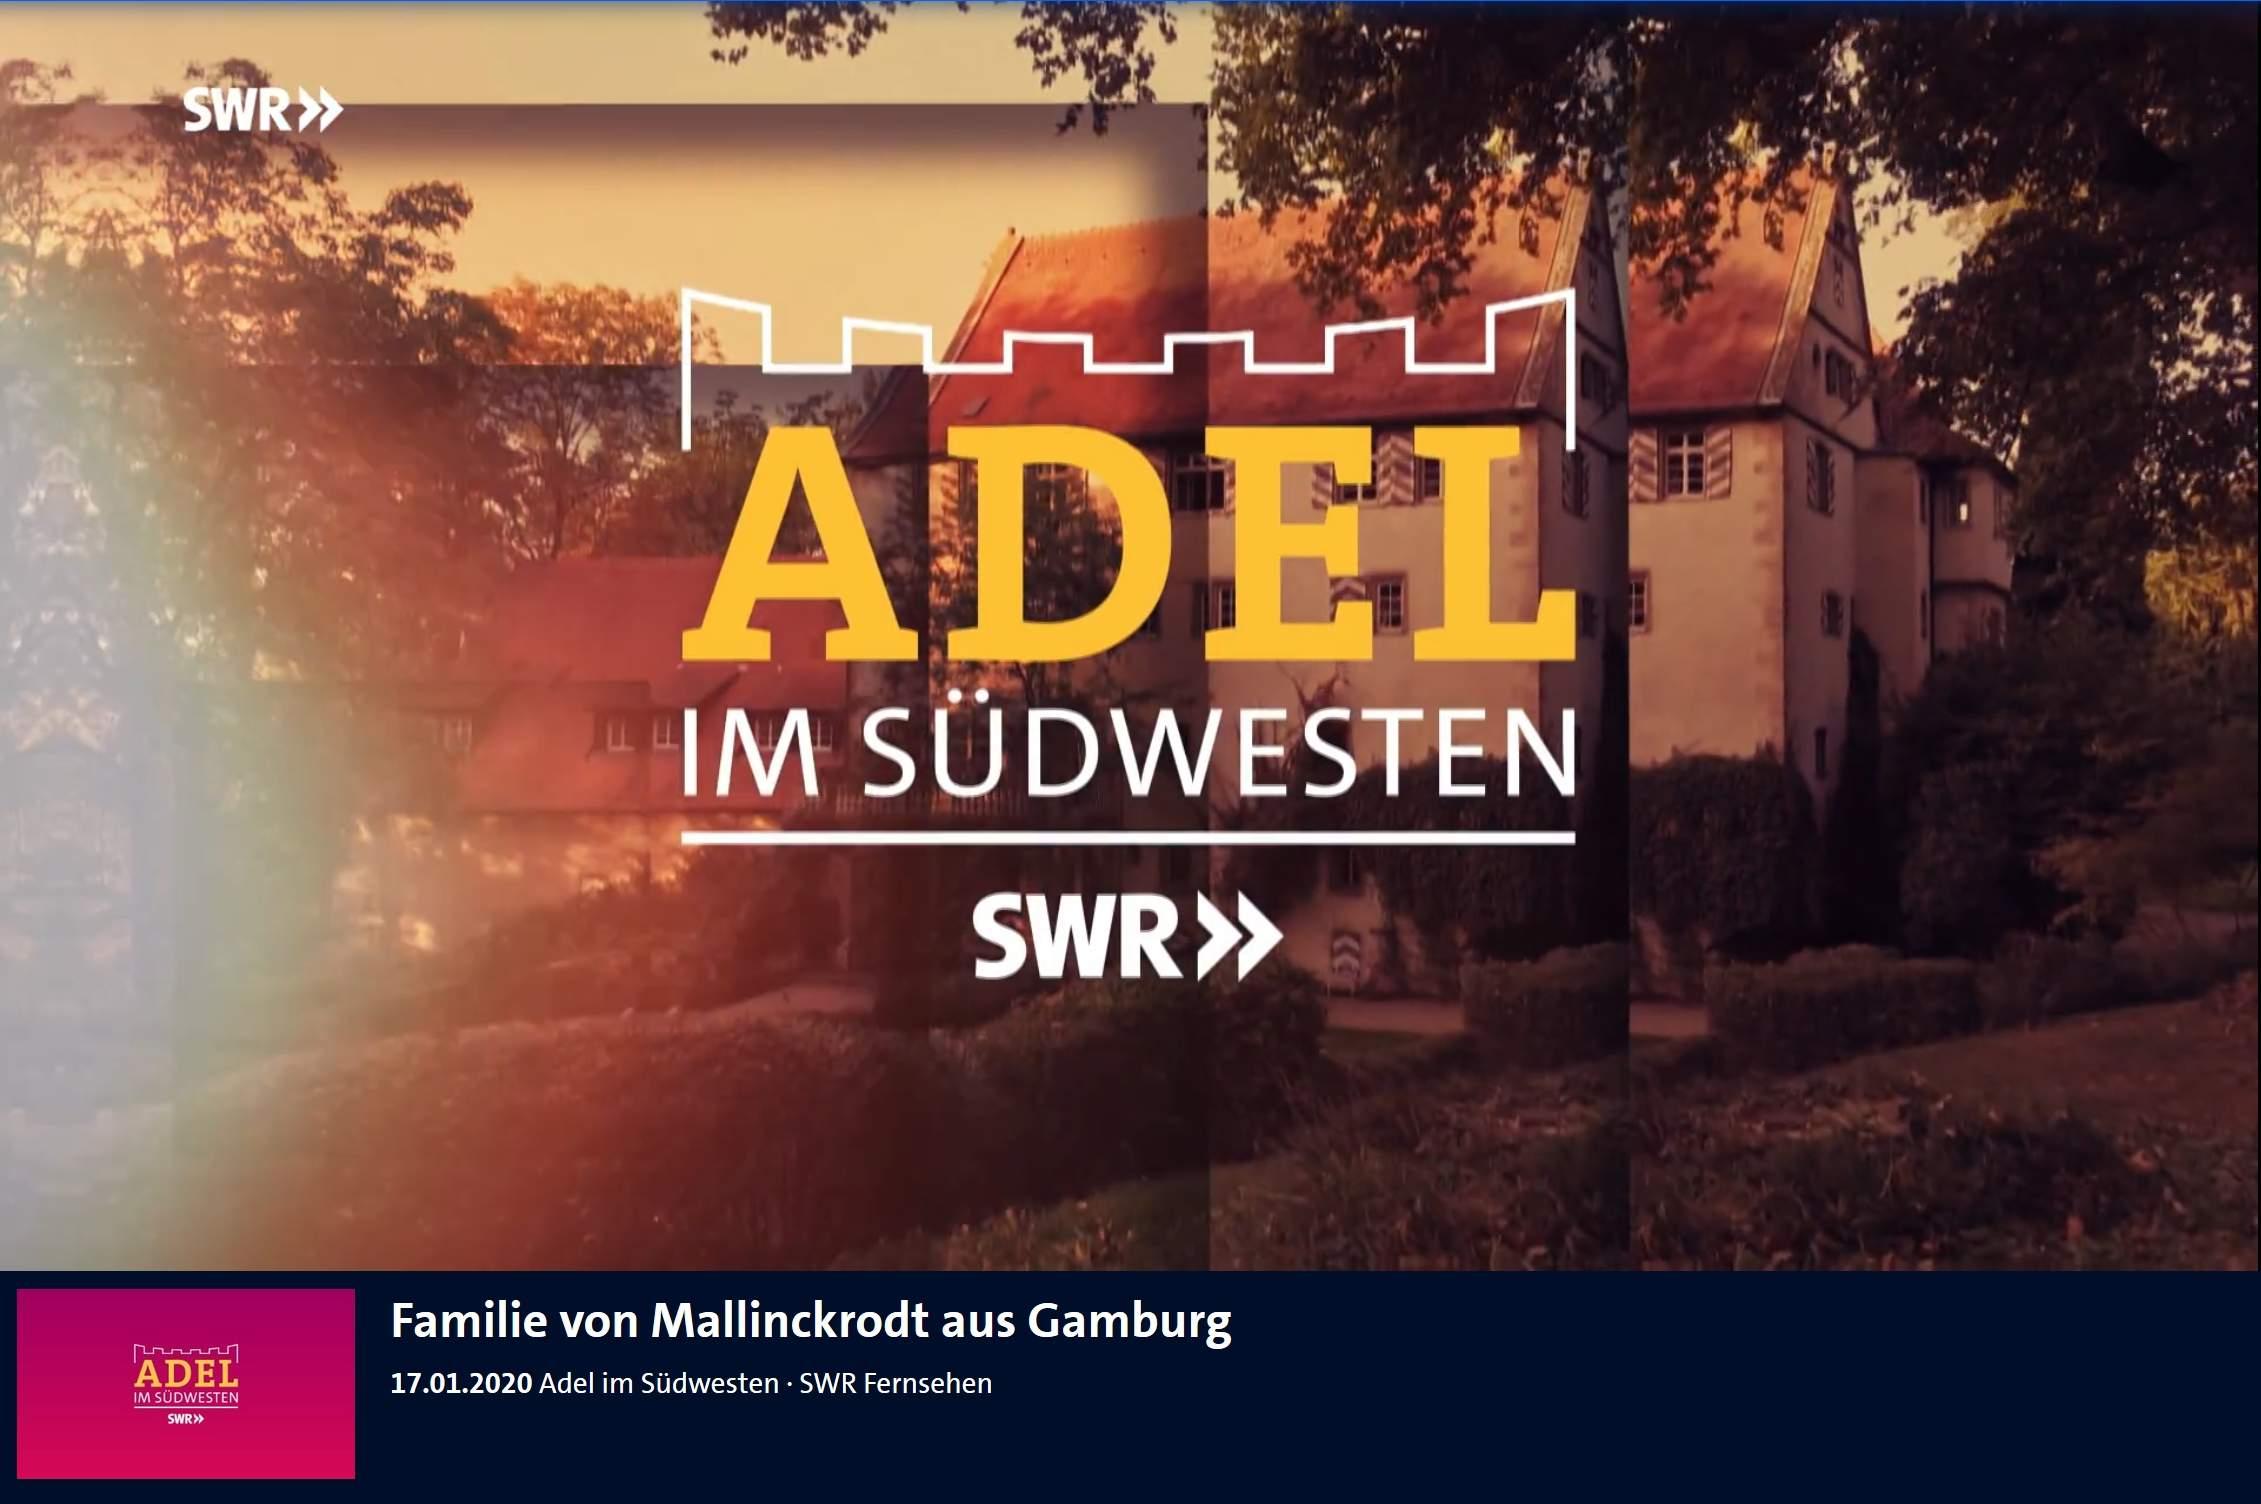 Ferienwohnung Eventlocation Bahnhof Gamburg Liebliches Taubertal ARD SWR Adel im Suedwesten Familie von Mallinckrodt aus Gamburg